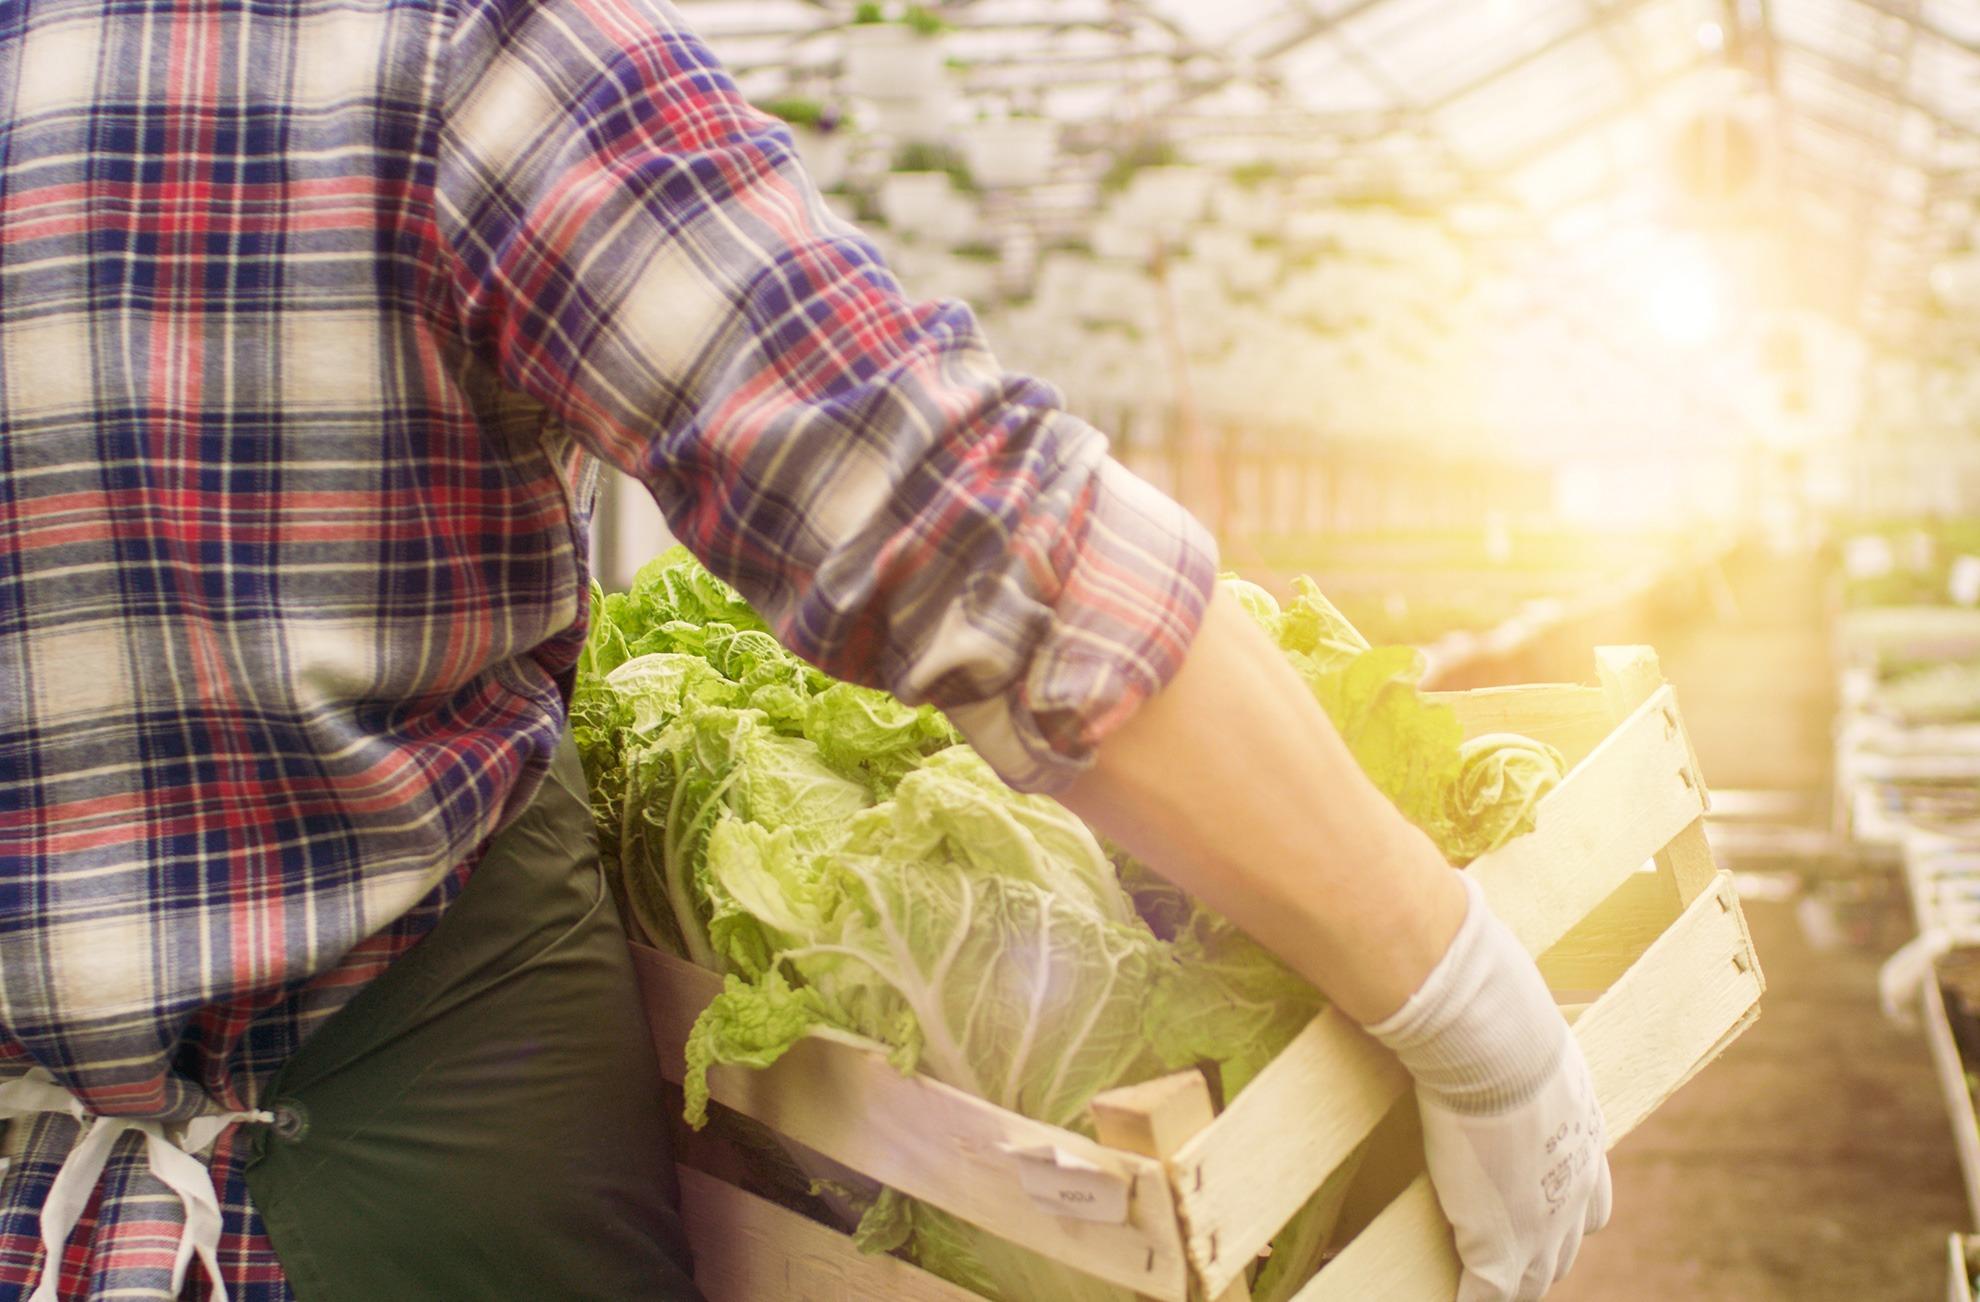 Obst und Gemüse frischer genießen Freshany